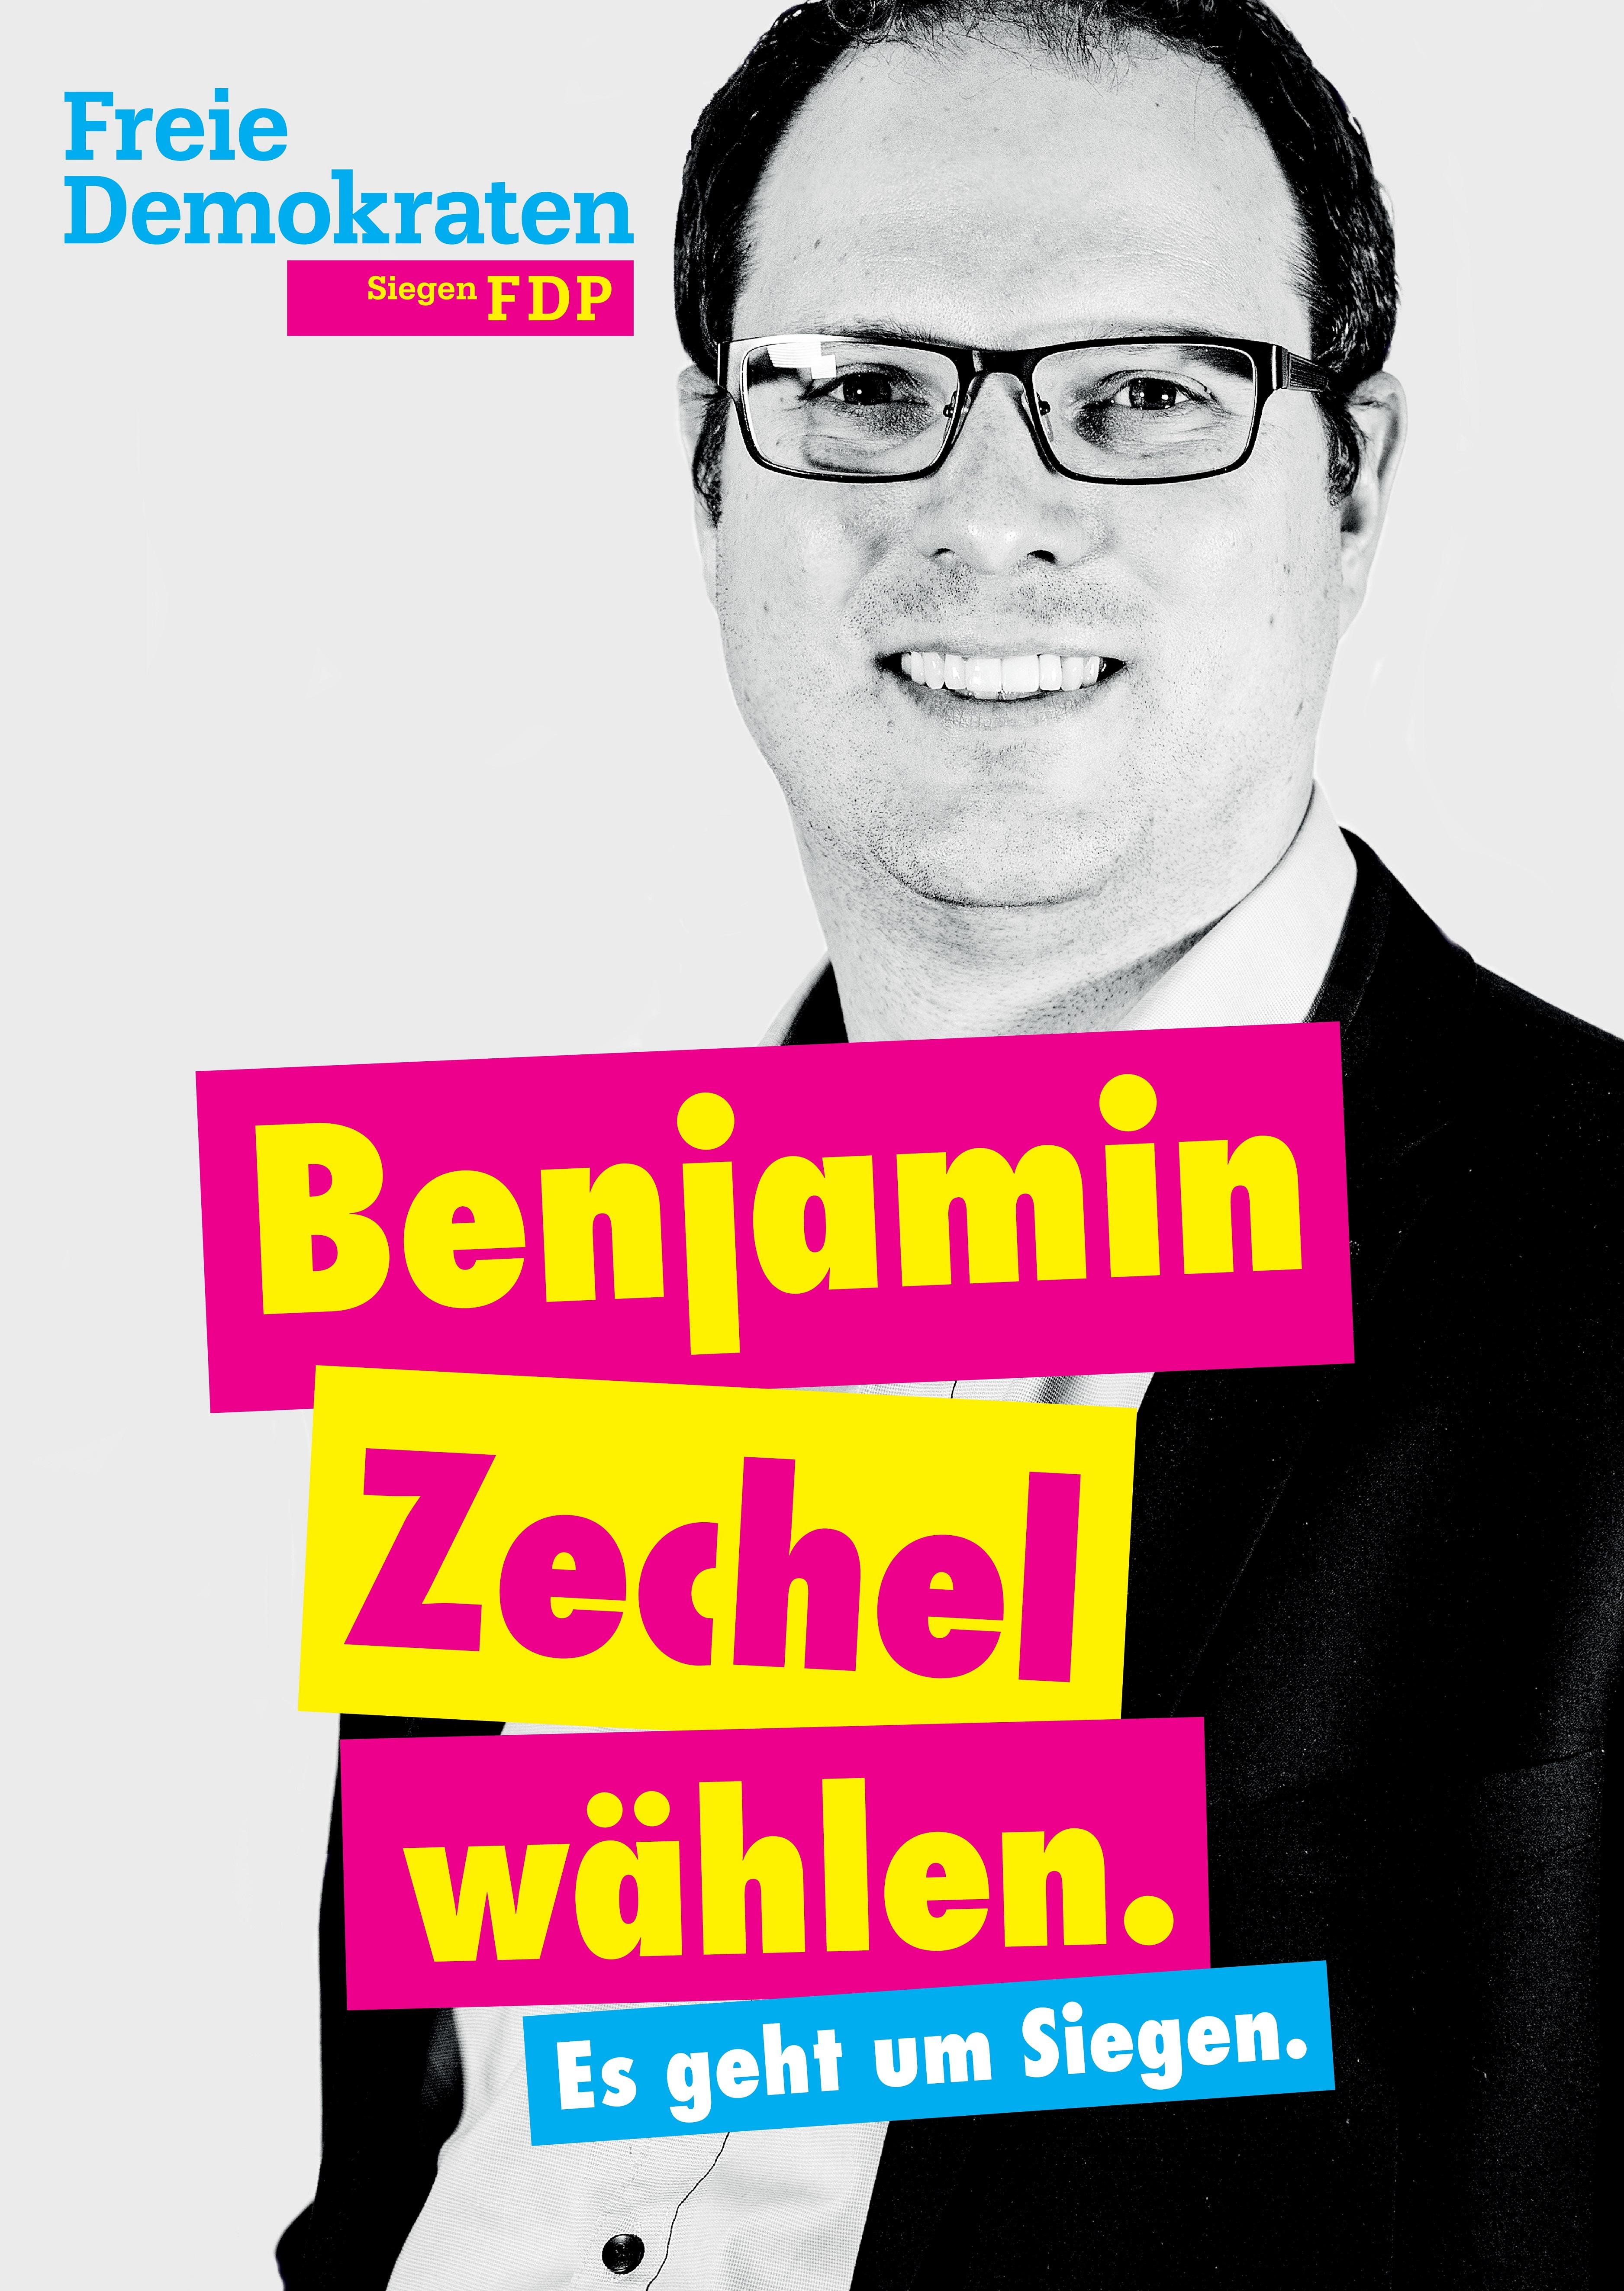 Benjamin Zechel